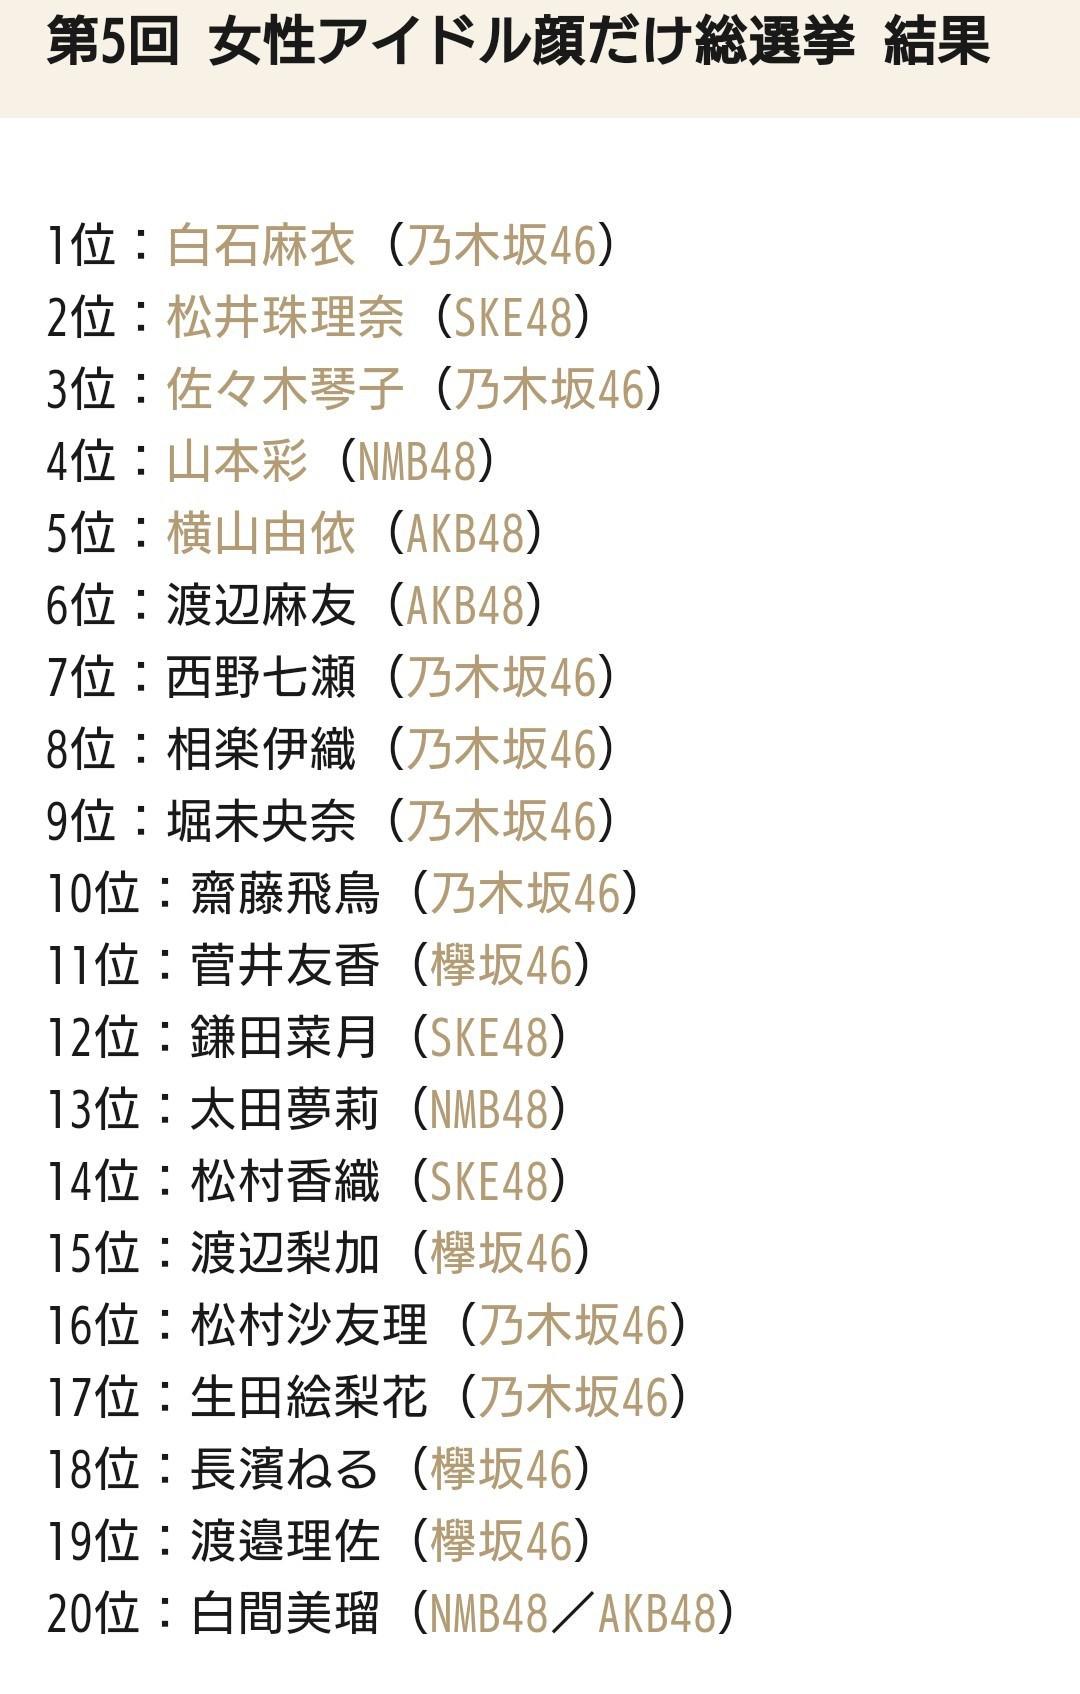 レコメン!女性アイドル顔だけ総選挙2017